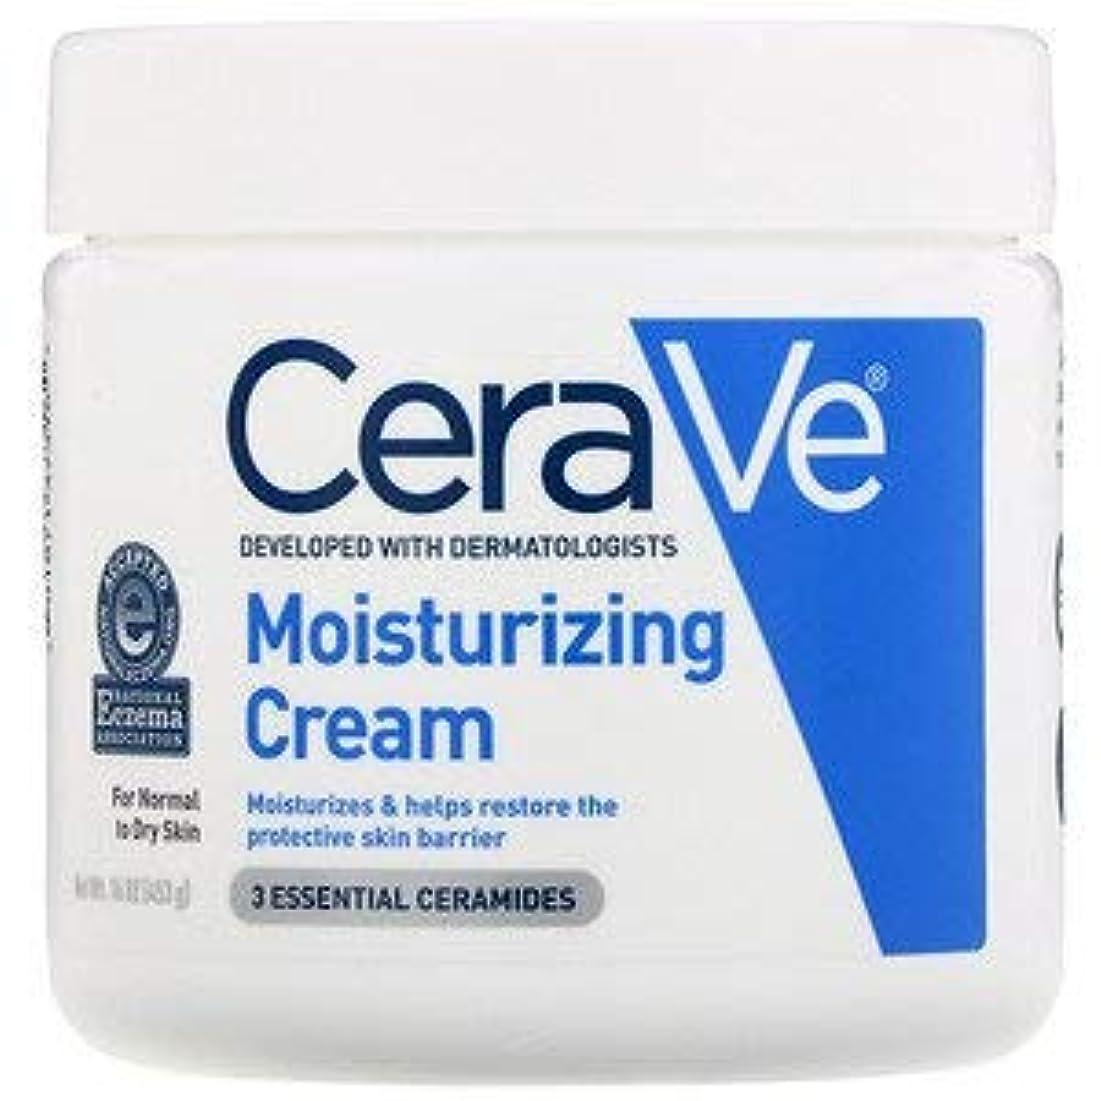 エンコミウム充実マダム並行輸入品Cerave Cerave Moisturizing Cream, 16 ozX 3パック